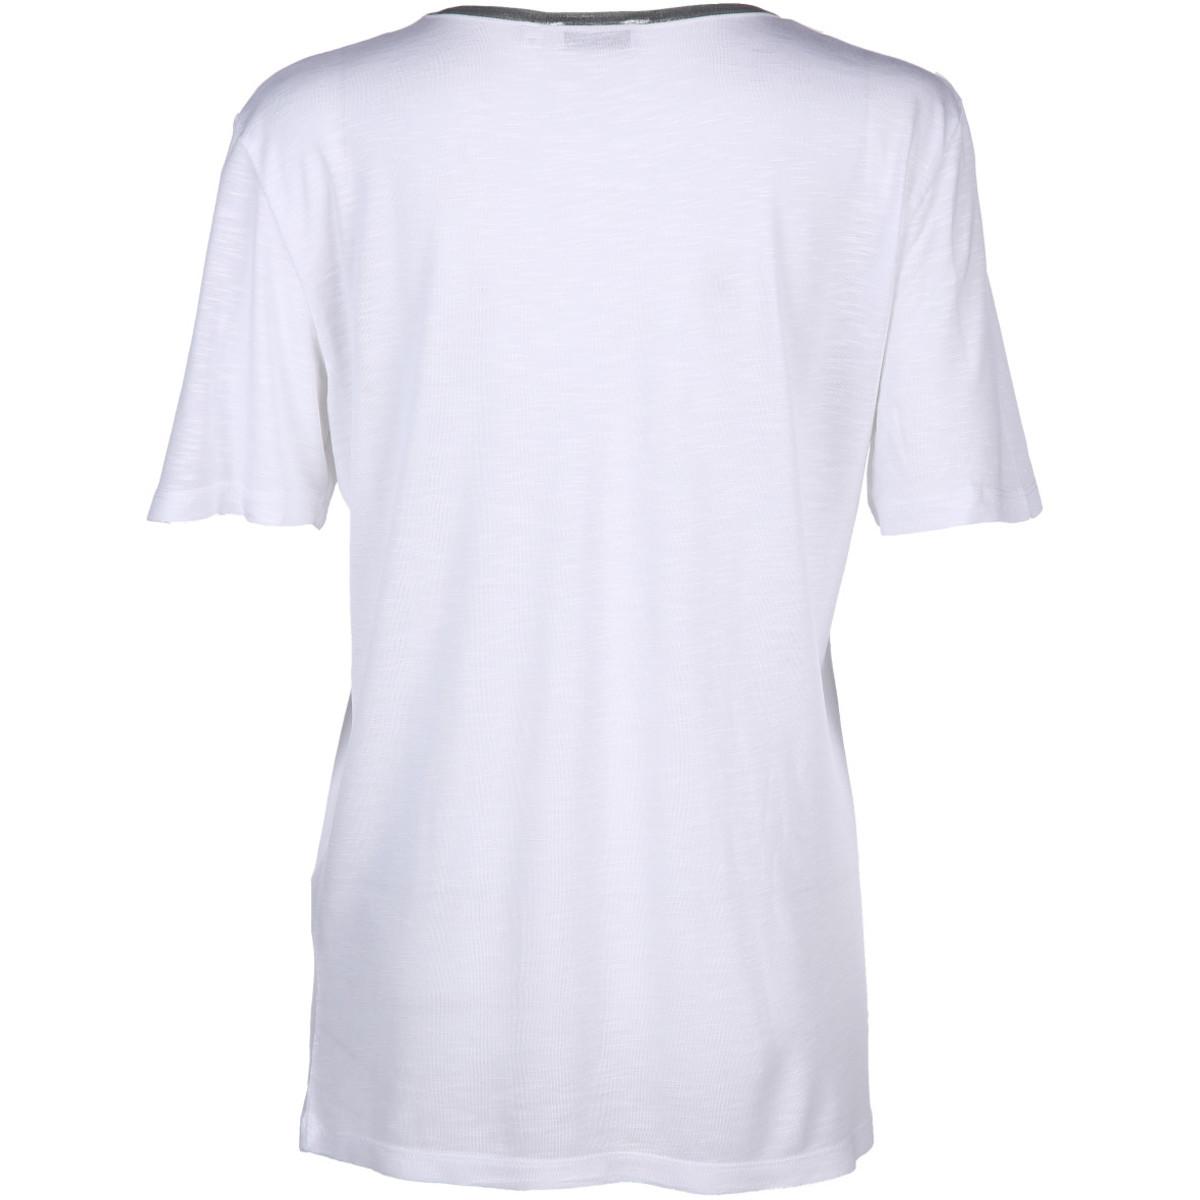 Bild 2 von Damen Shirt mit Glitzer Print